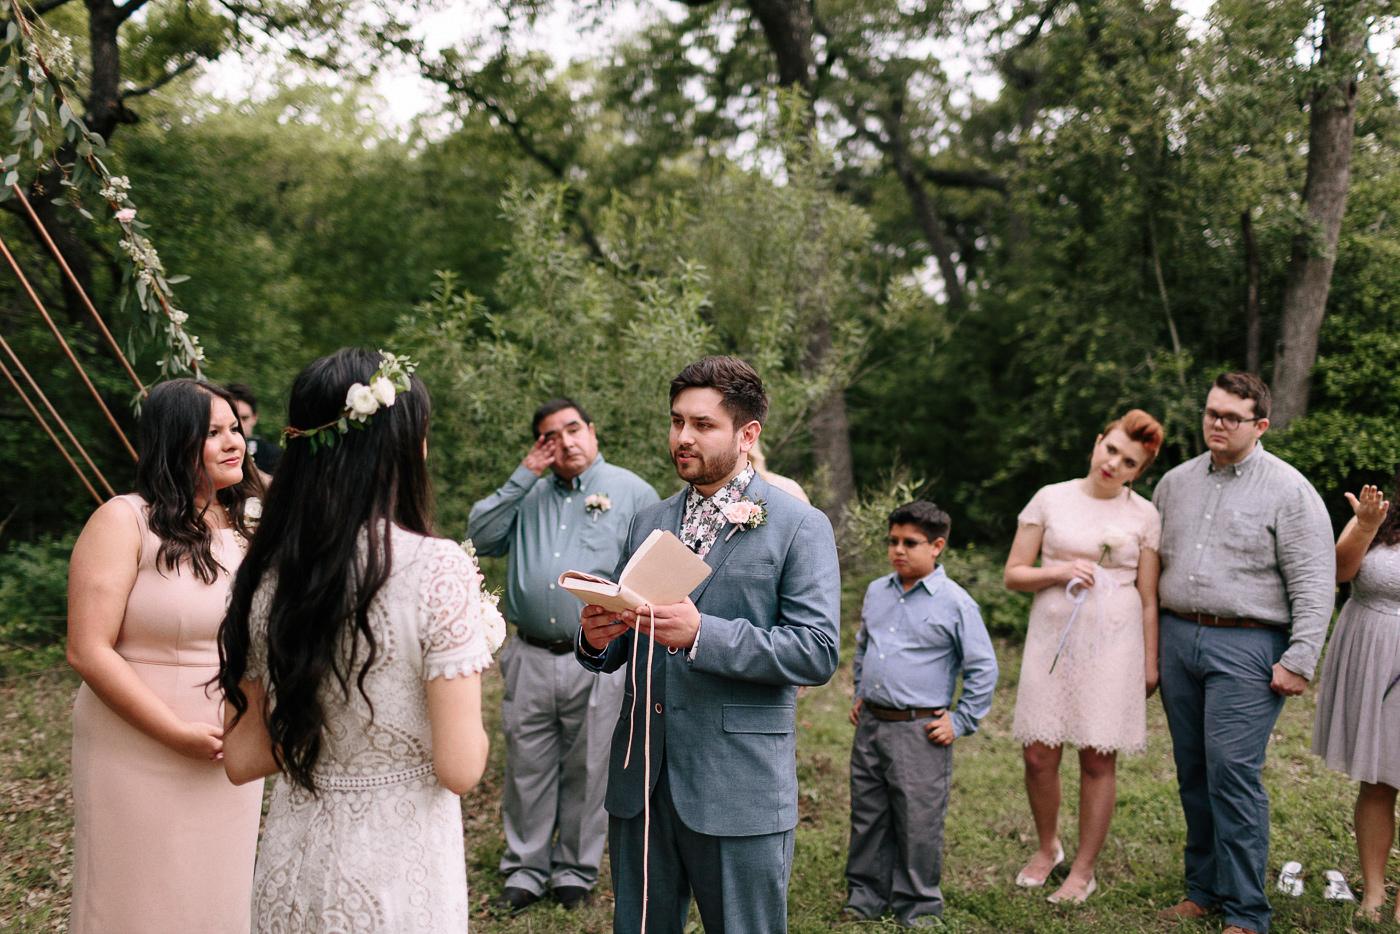 315-wimberley-texas-intimate-backyard-wedding.jpg